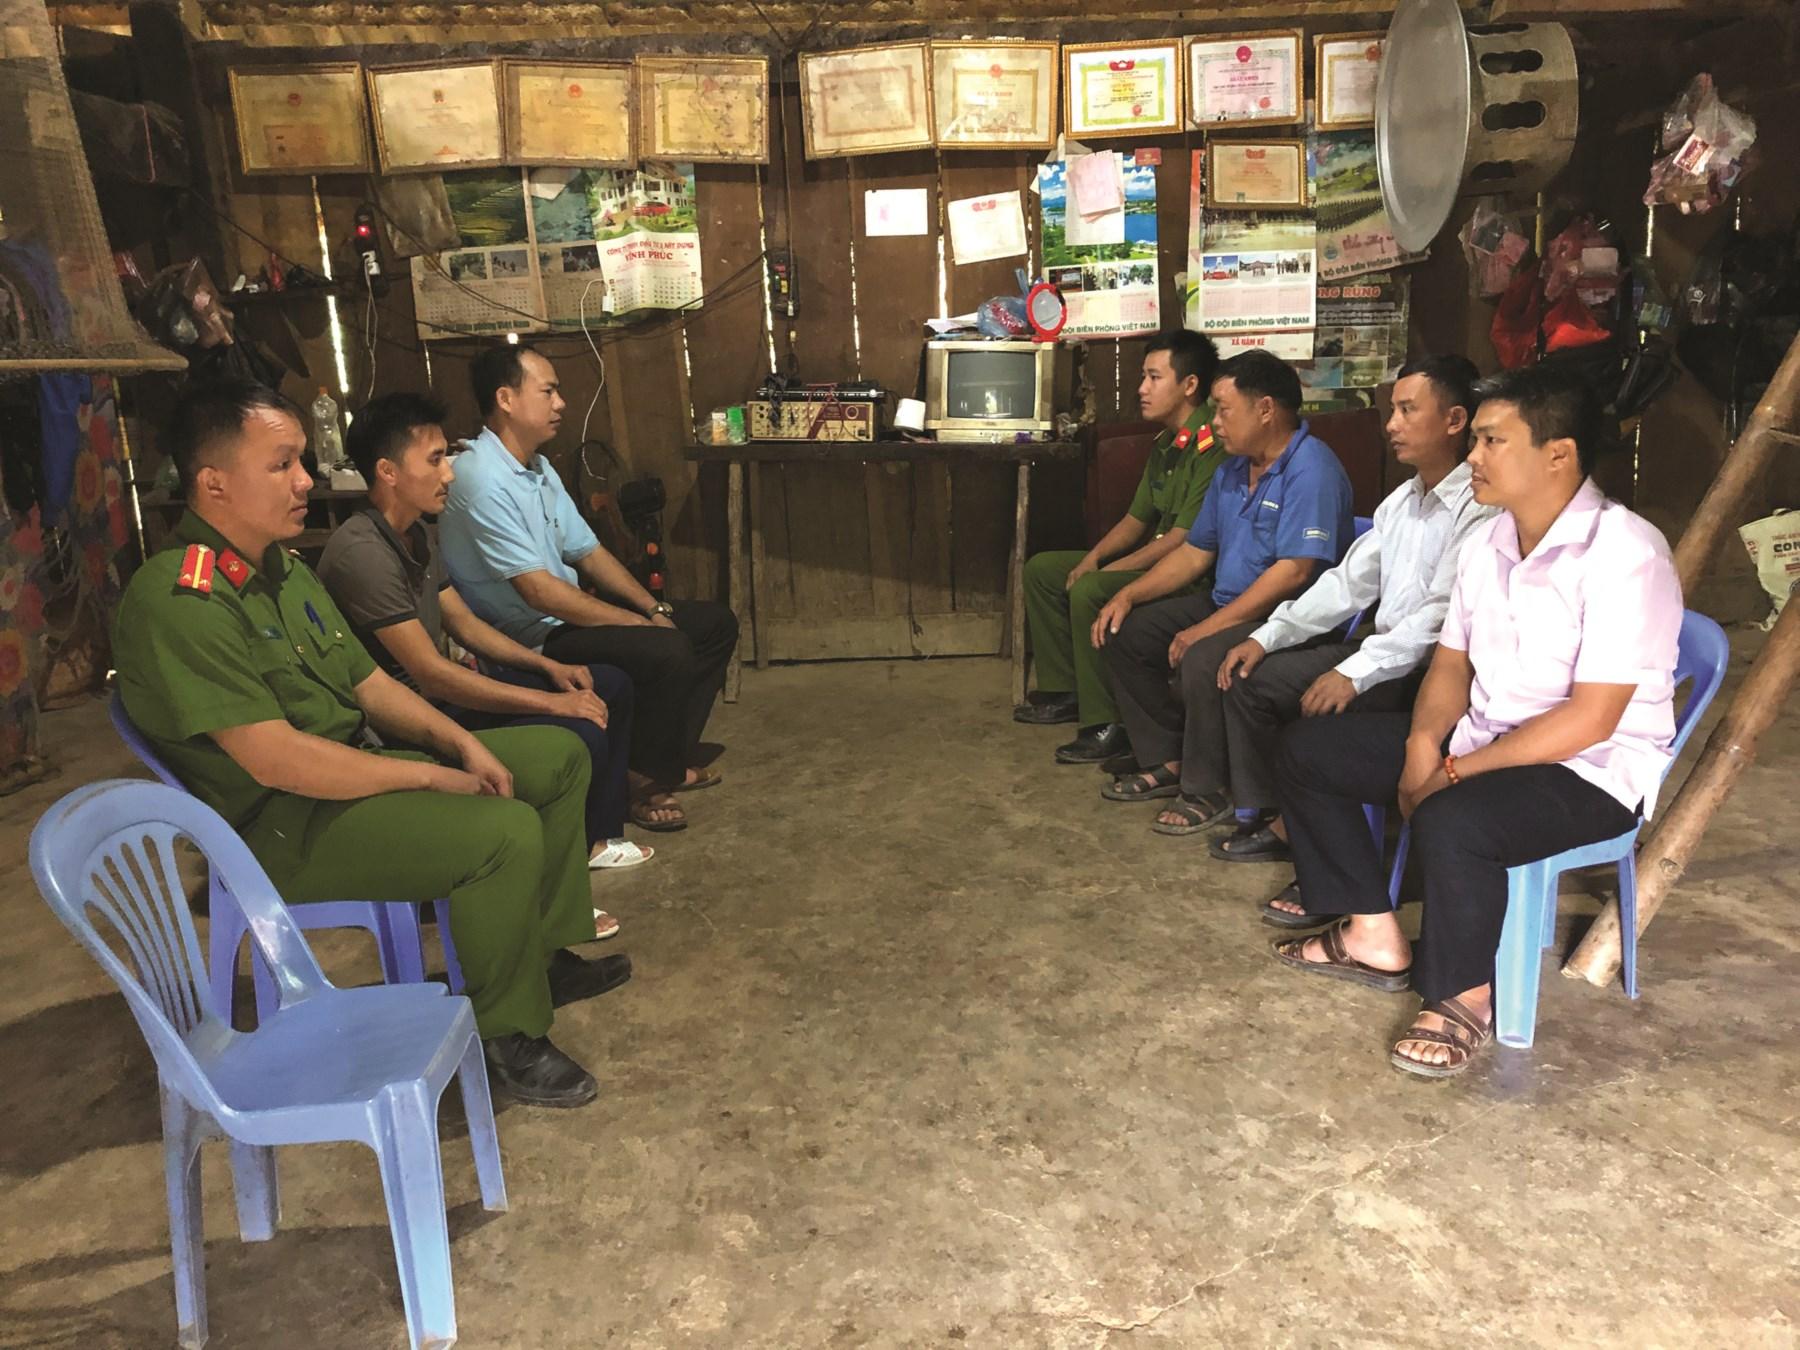 Cán bộ, chiến sĩ Công an huyện Mường Nhé tuyên truyền nâng cao nhận thức pháp luật cho người dân tại xã Nậm Kè